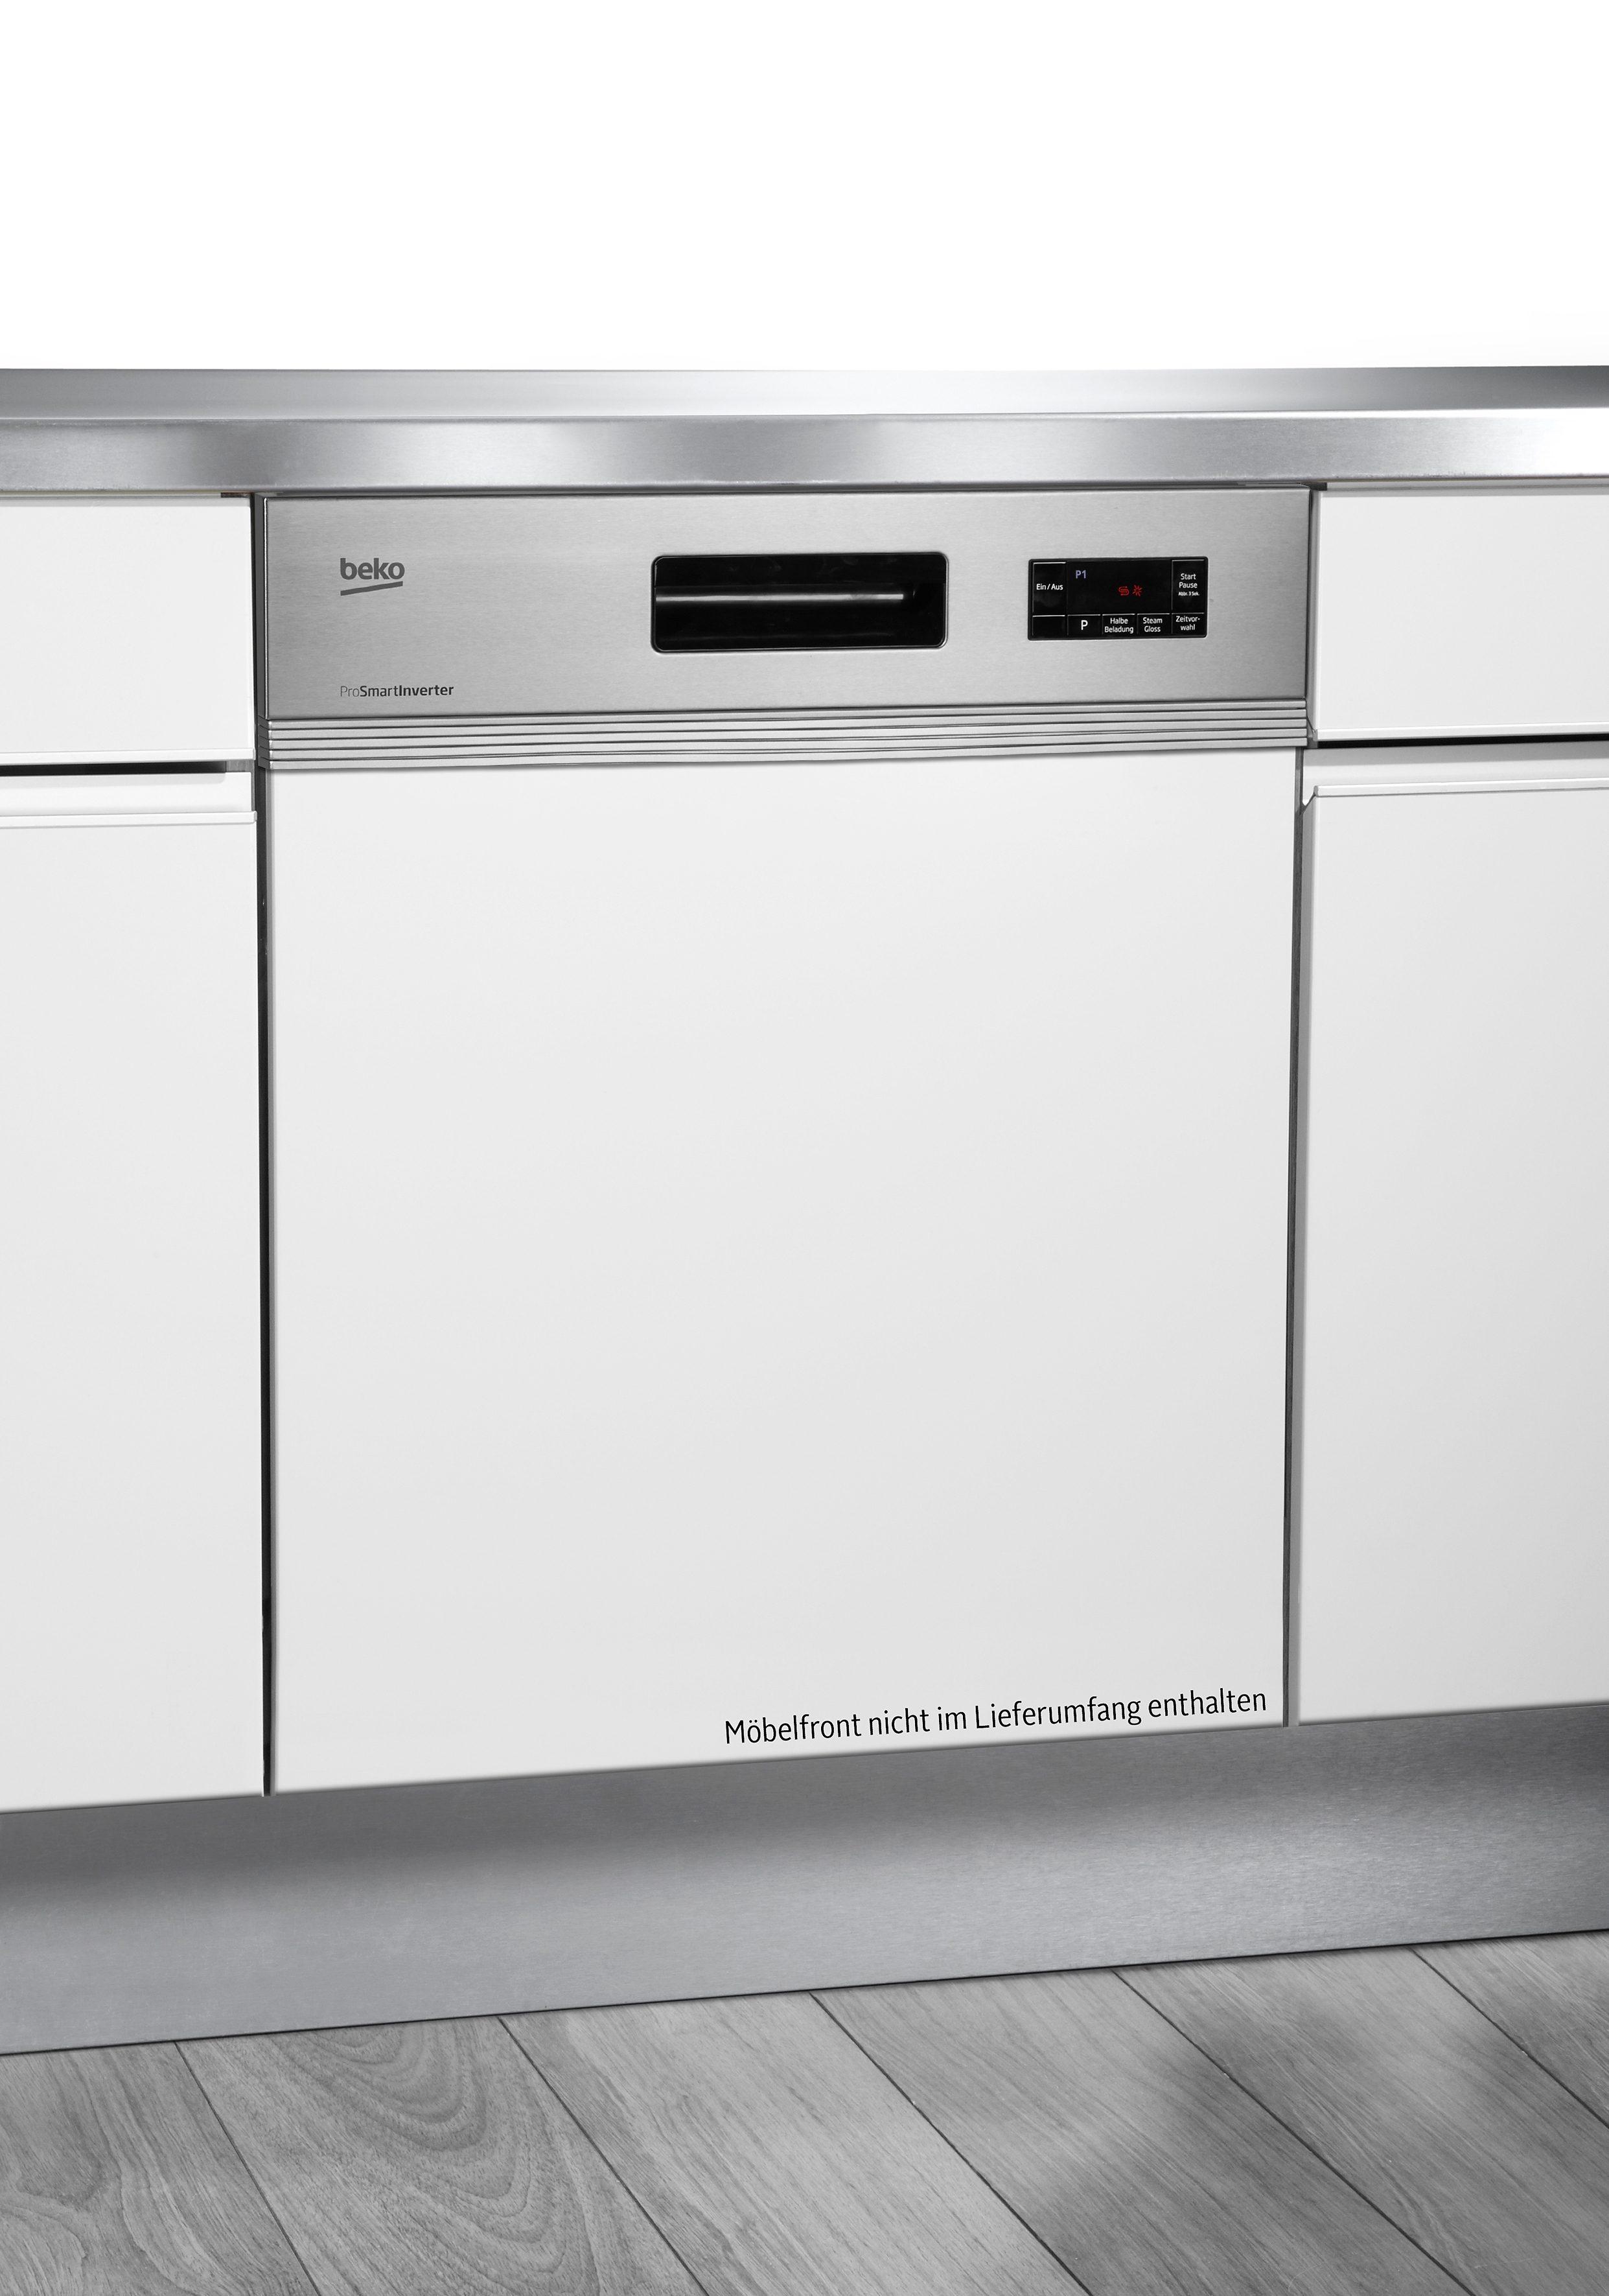 Beko Integrierbarer Einbau-Geschirrspüler DSN16220X, A++, 10 Liter, 12 Maßgedecke